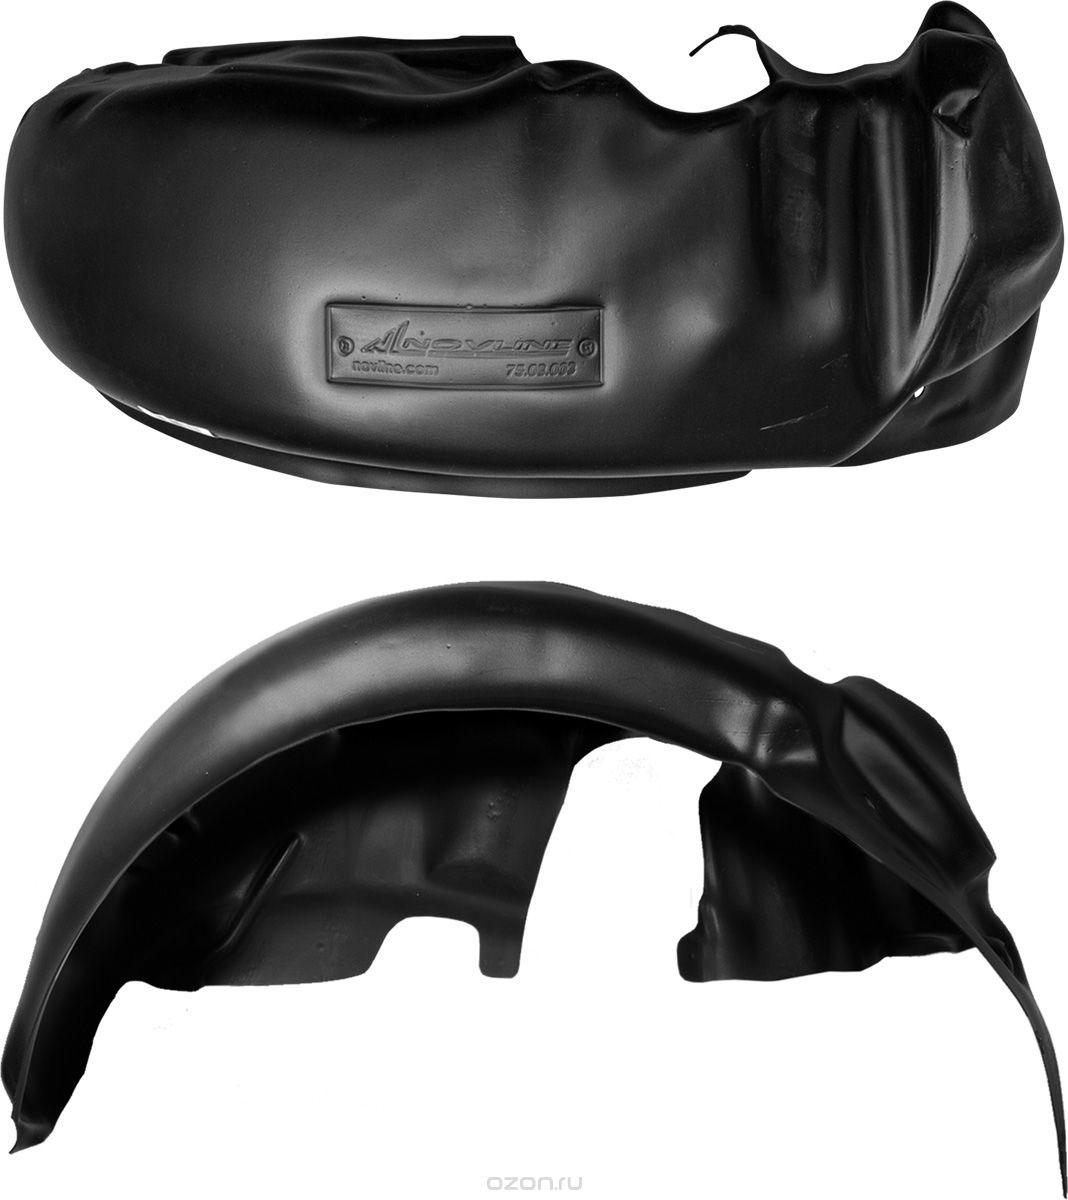 Подкрылок Novline-Autofamily, для Нива, 04/1997->, передний правый002412Идеальная защита колесной ниши. Локеры разработаны с применением цифровых технологий, гарантируют максимальную повторяемость поверхности арки. Изделия устанавливаются без нарушения лакокрасочного покрытия автомобиля, каждый подкрылок комплектуется крепежом. Уважаемые клиенты, обращаем ваше внимание, что фотографии на подкрылки универсальные и не отражают реальную форму изделия. При этом само изделие идет точно под размер указанного автомобиля.